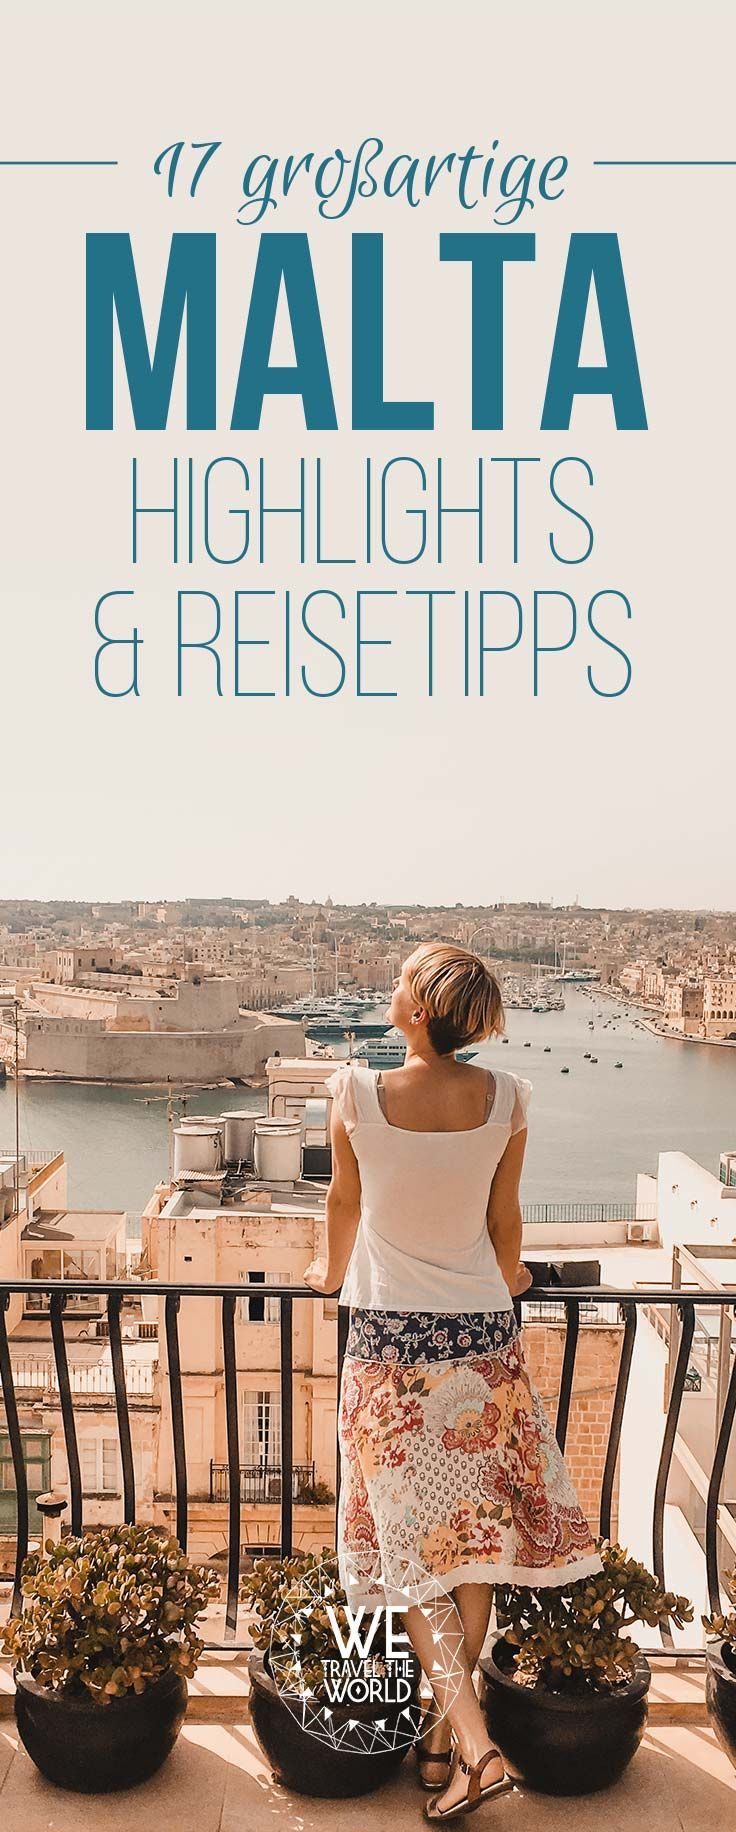 Malta Highlights: 17 großartige Dinge, die du auf Malta gesehen und gemacht haben solltest [Anzeige]